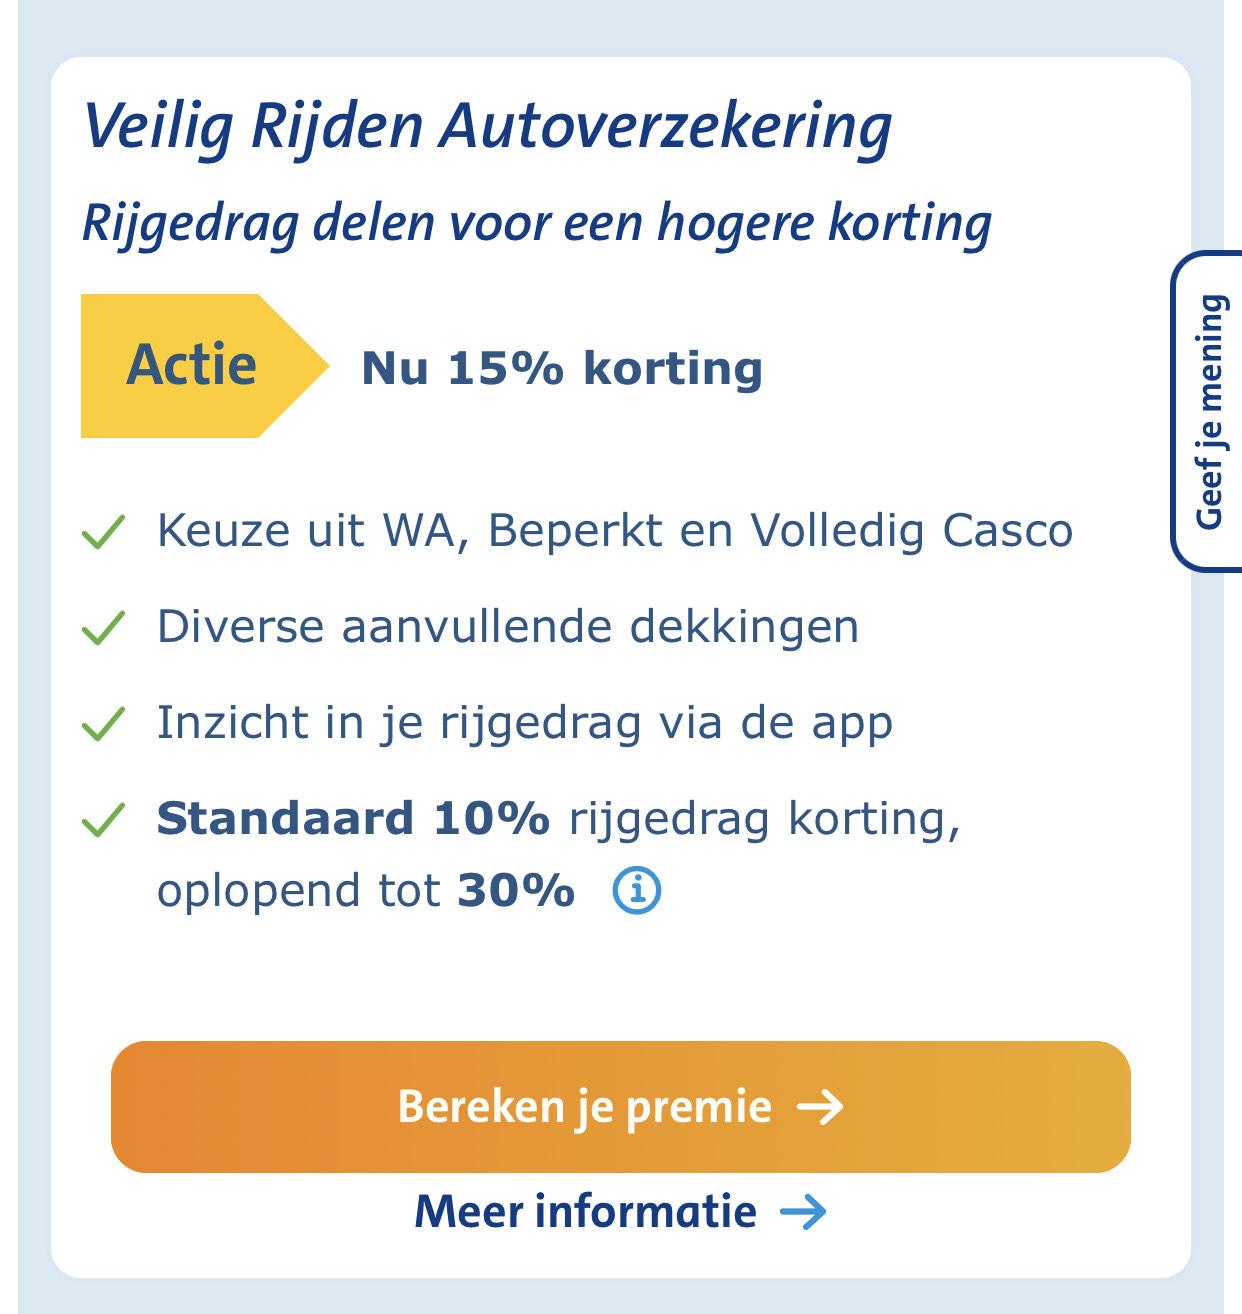 Veilig rijden autoverzekering met 15% korting @ANWB